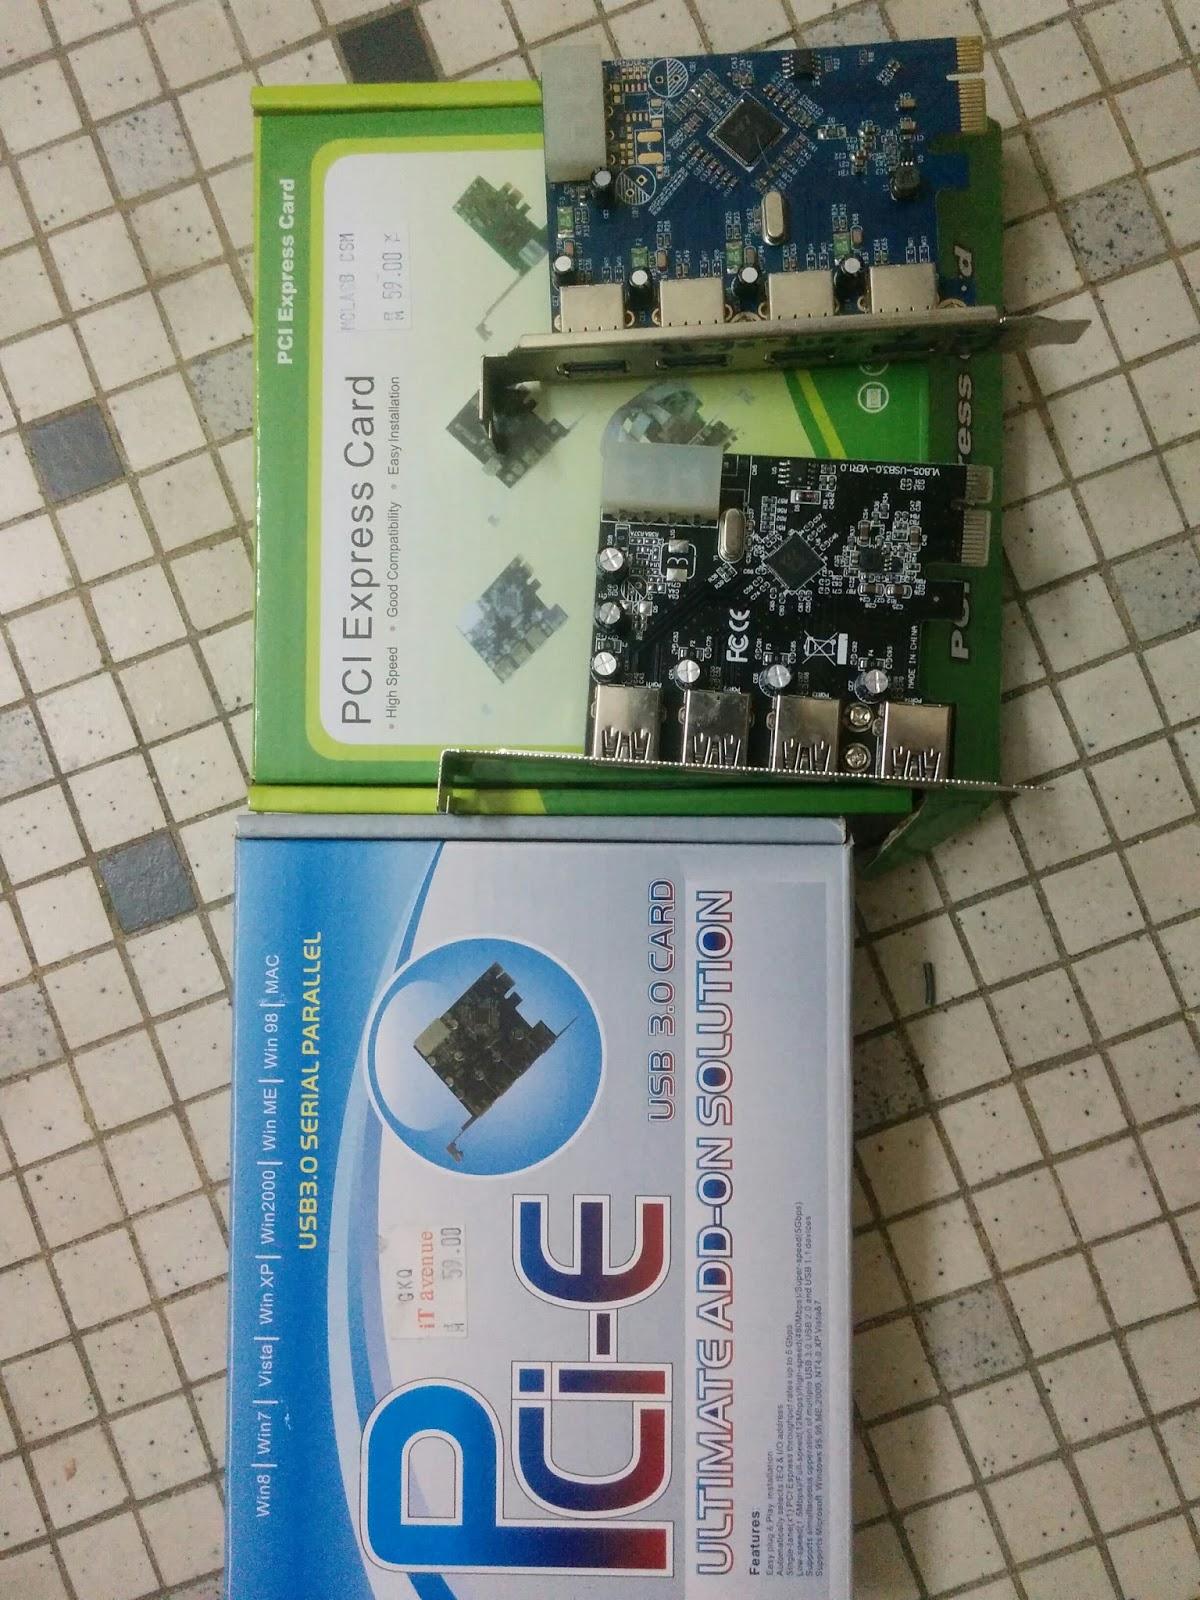 cmheong's blog: IOMMU PCI Express USB3 Controller Passthrough